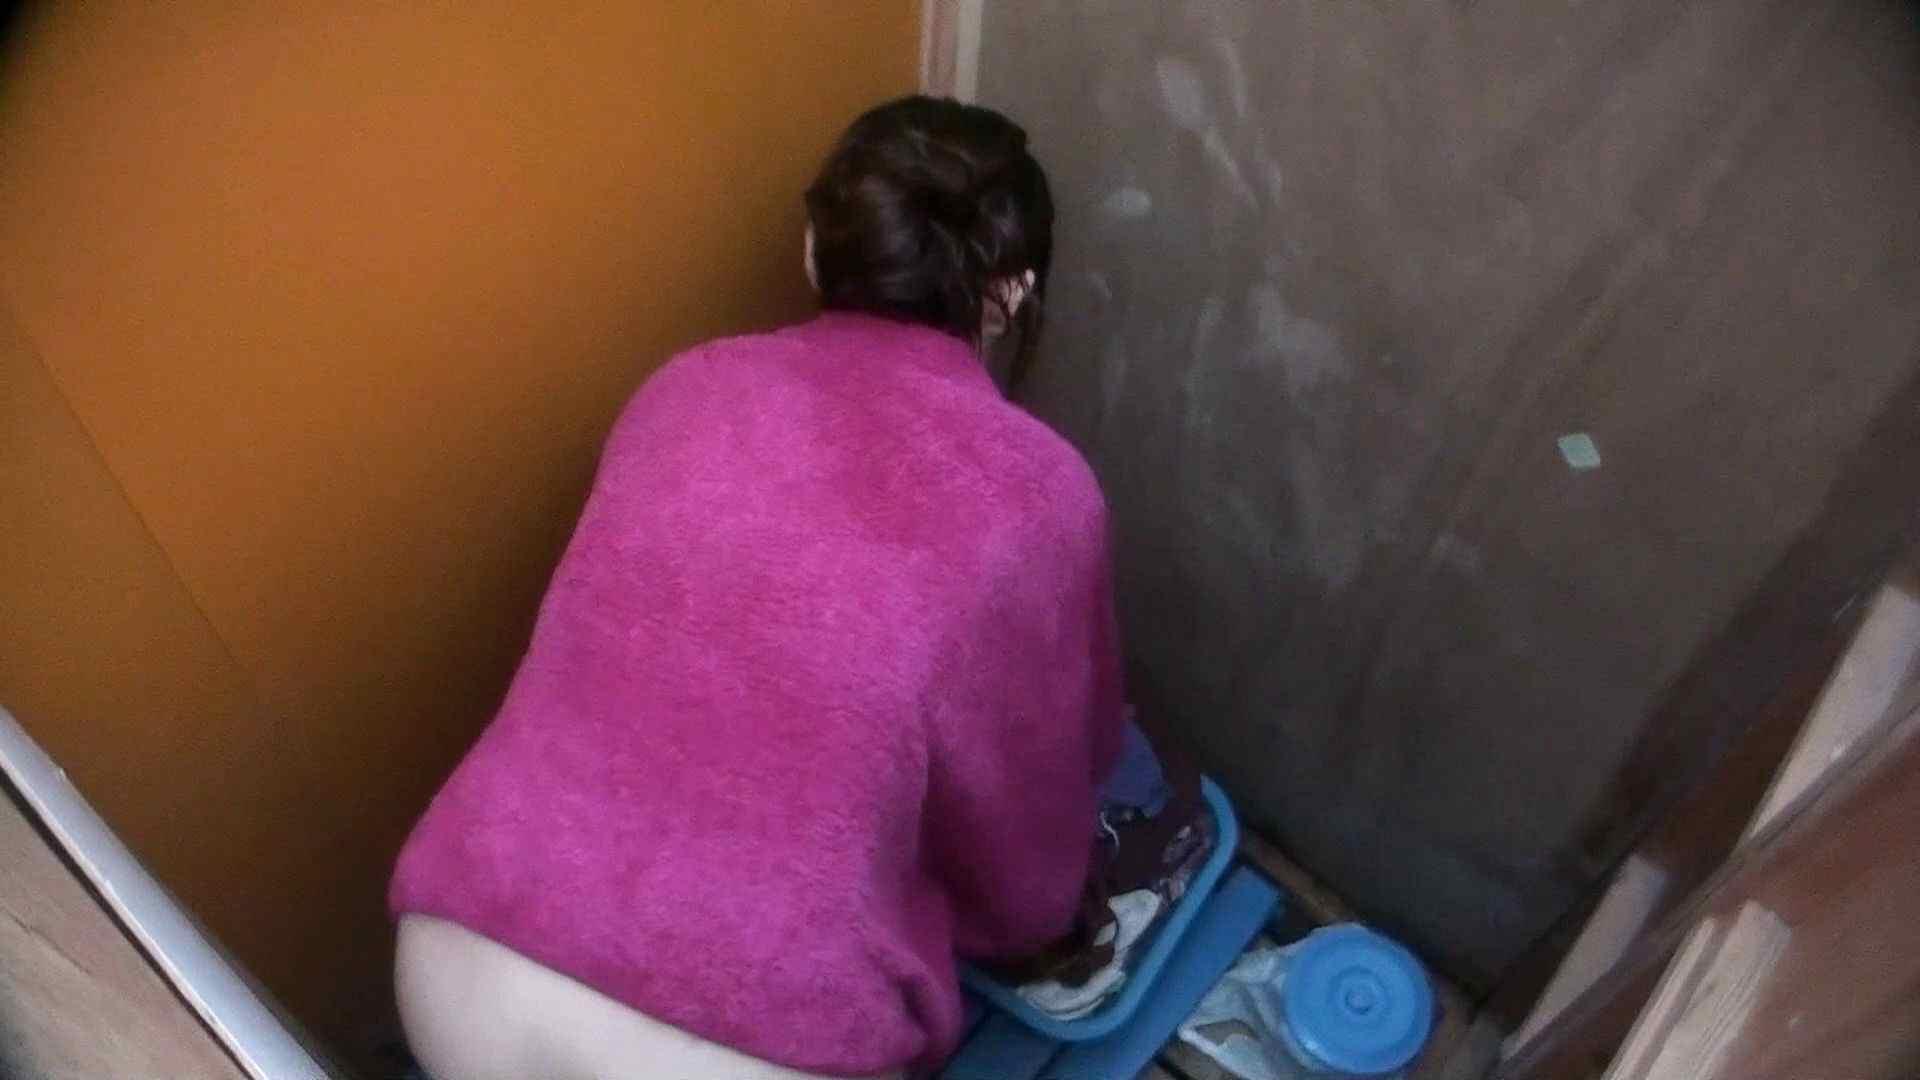 シャワールームは超!!危険な香りVol.29 こっちを向いて欲しい貧乳姉さん 高画質 | 貧乳  67PICs 21